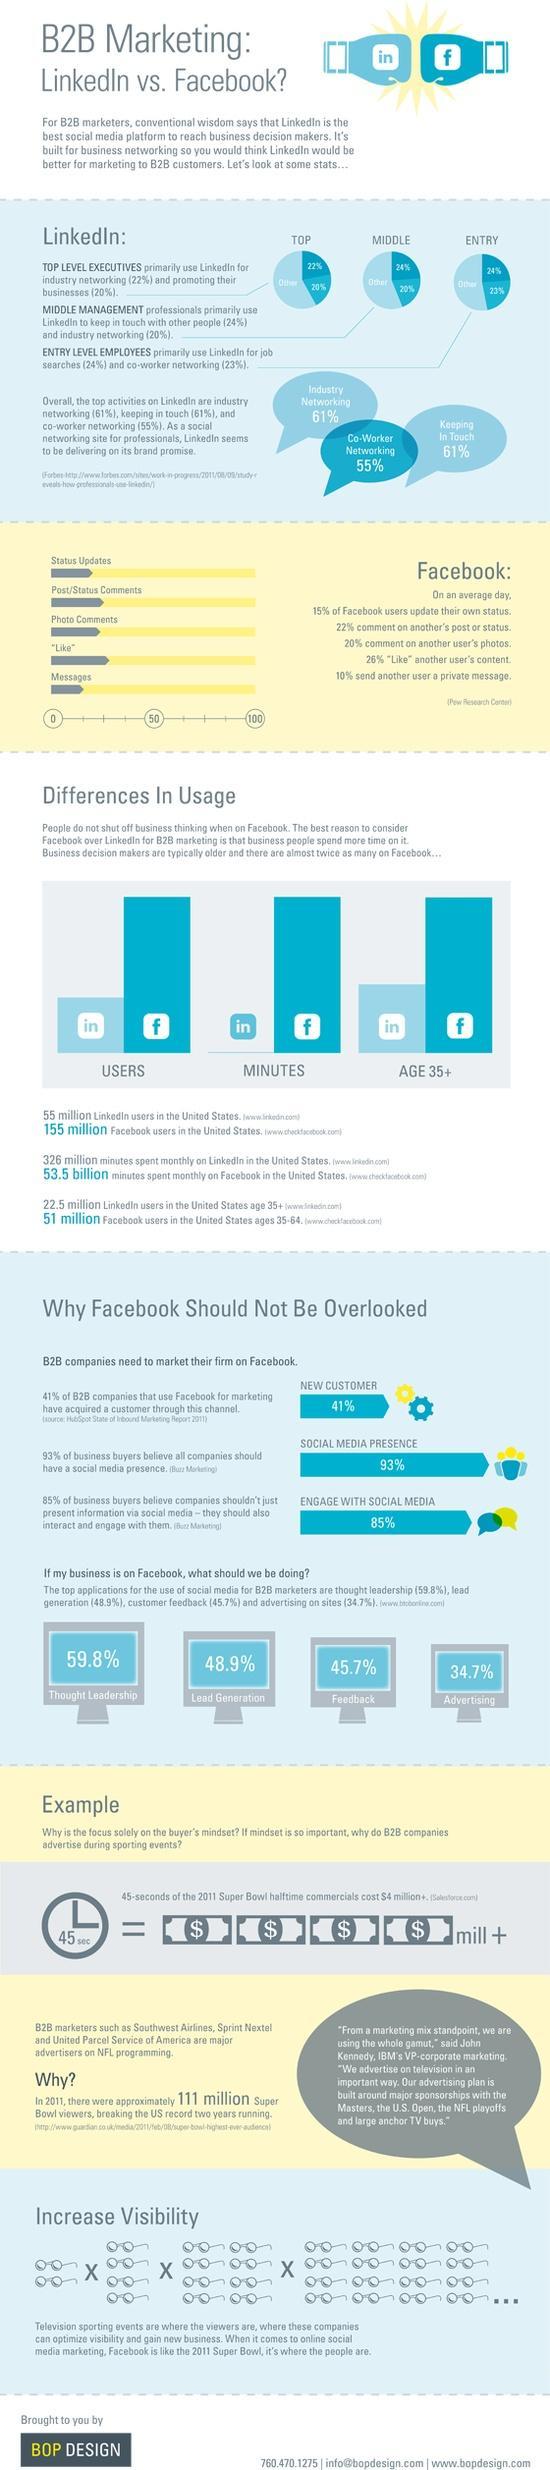 B2B Social Media - LinkedIn or Facebook?